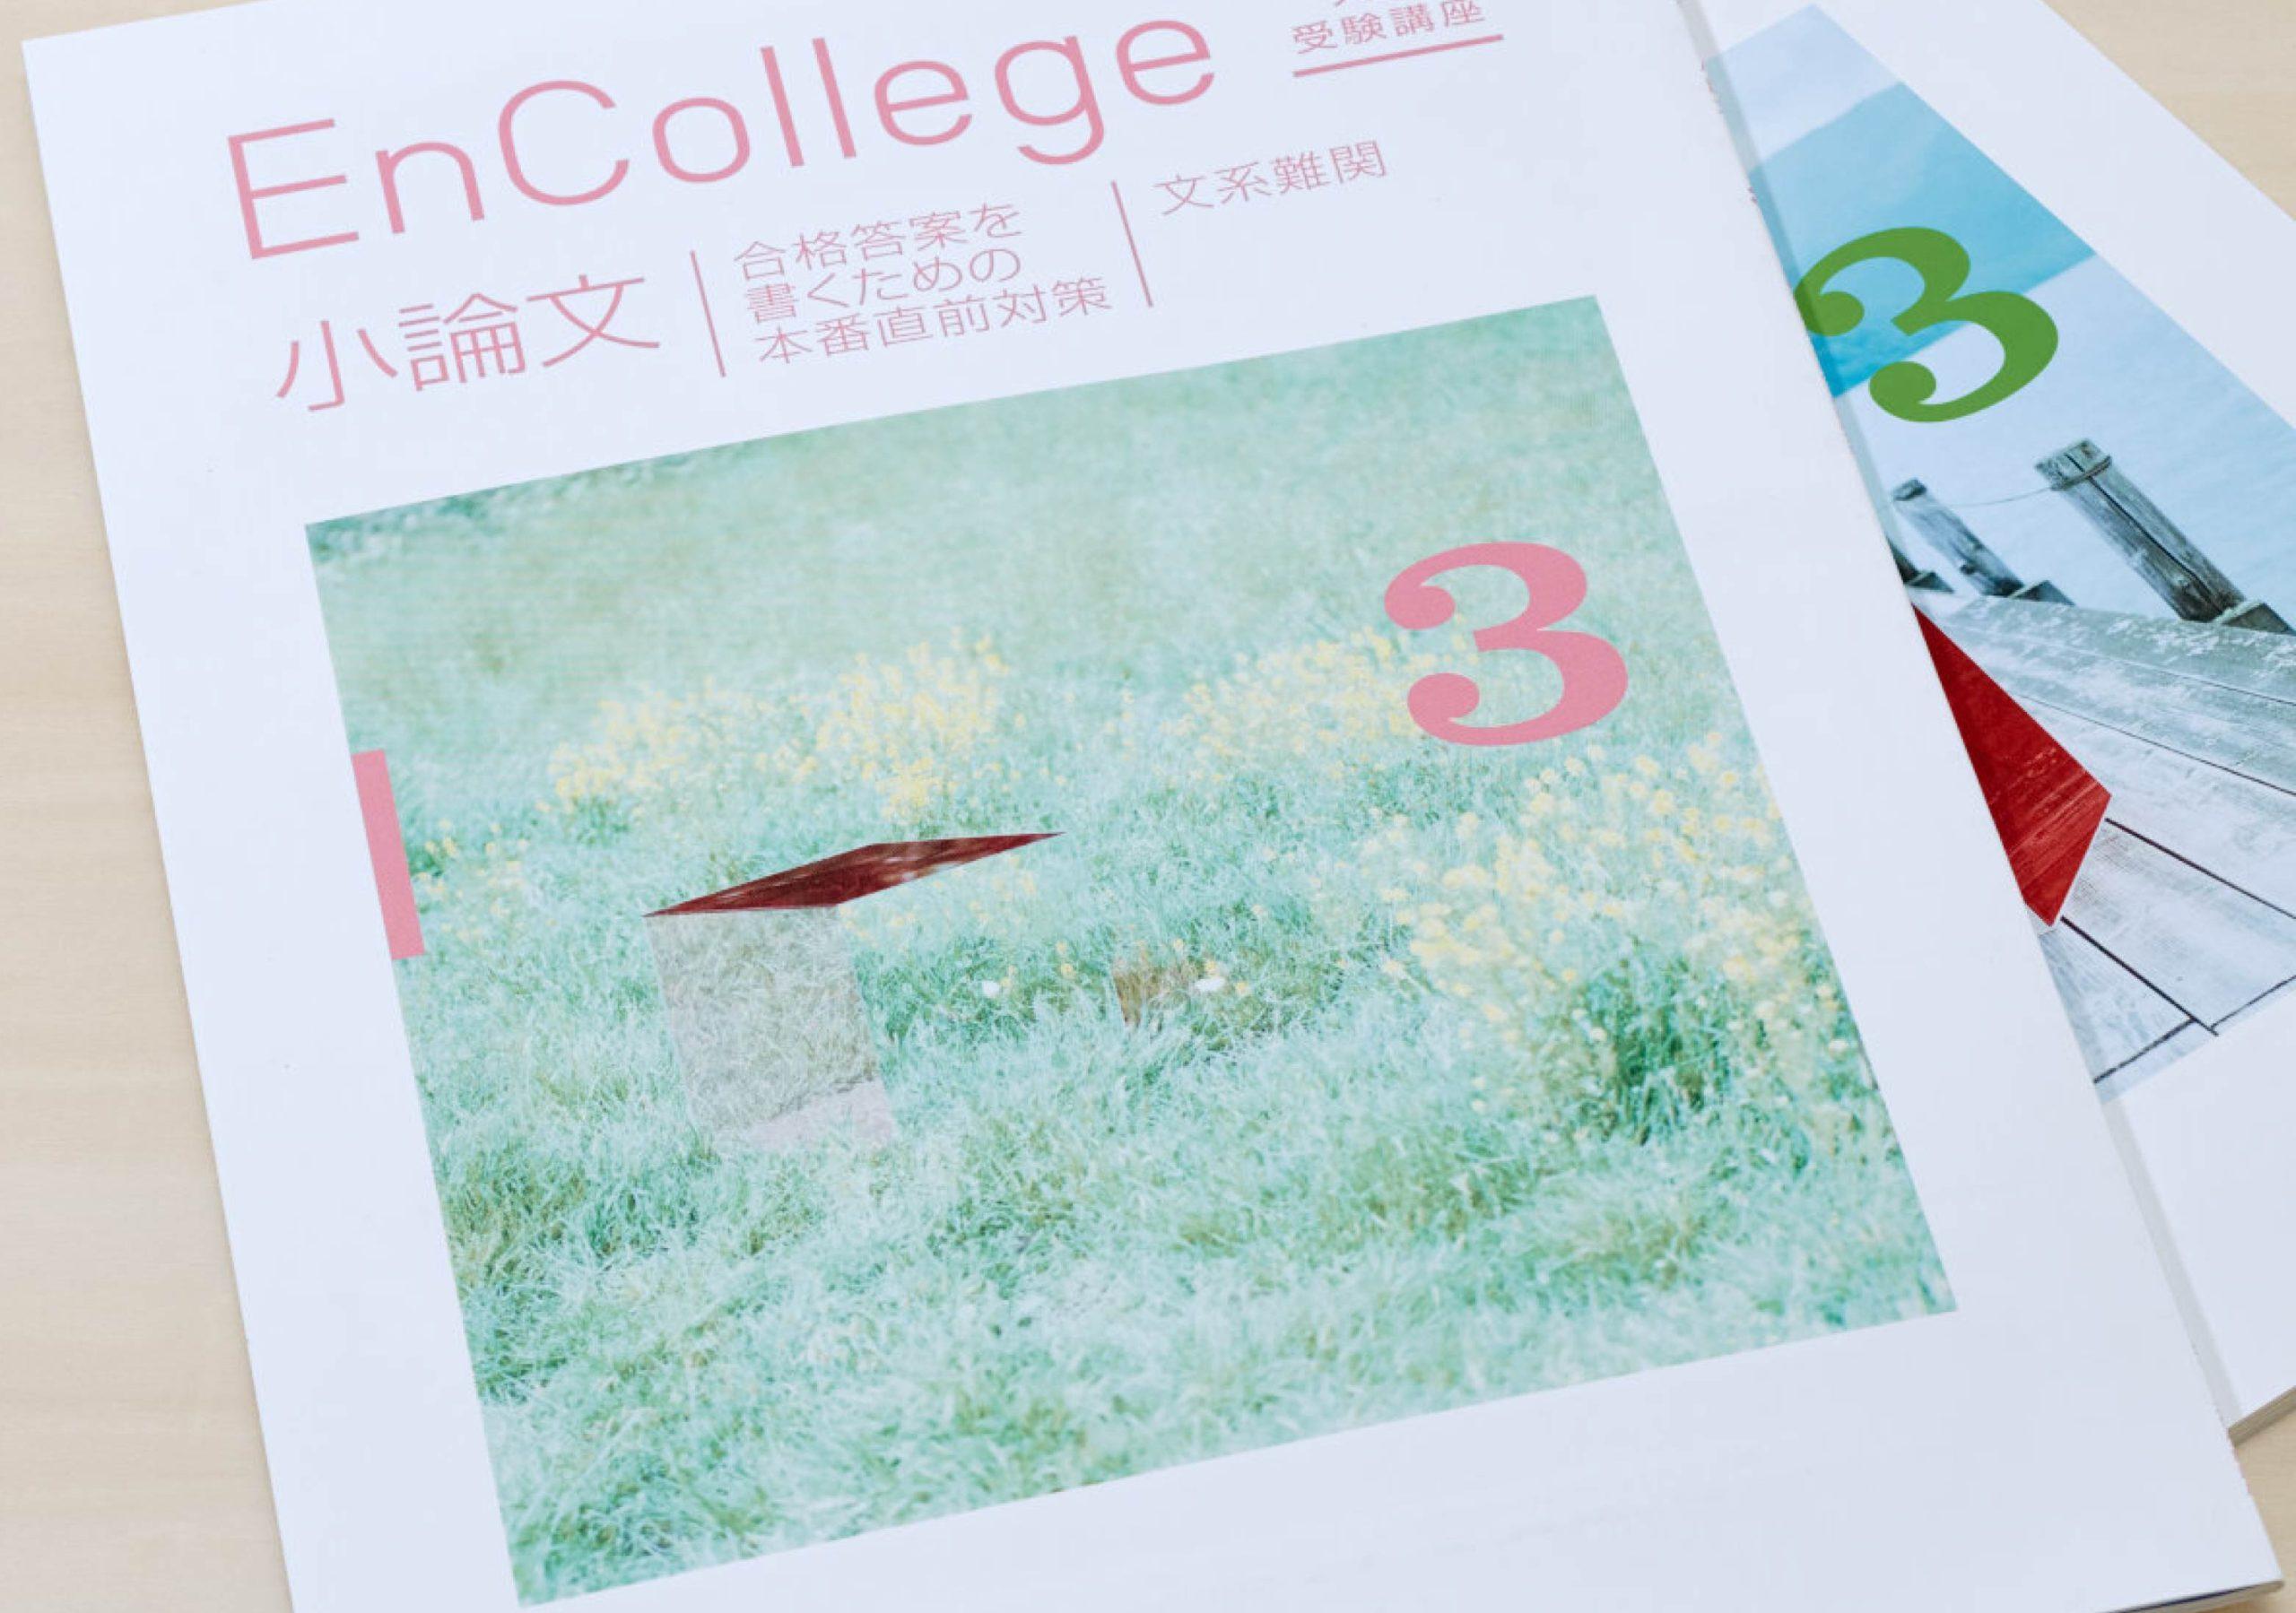 進研ゼミ高校講座2015 3月号 ベネッセコーポレーション_2